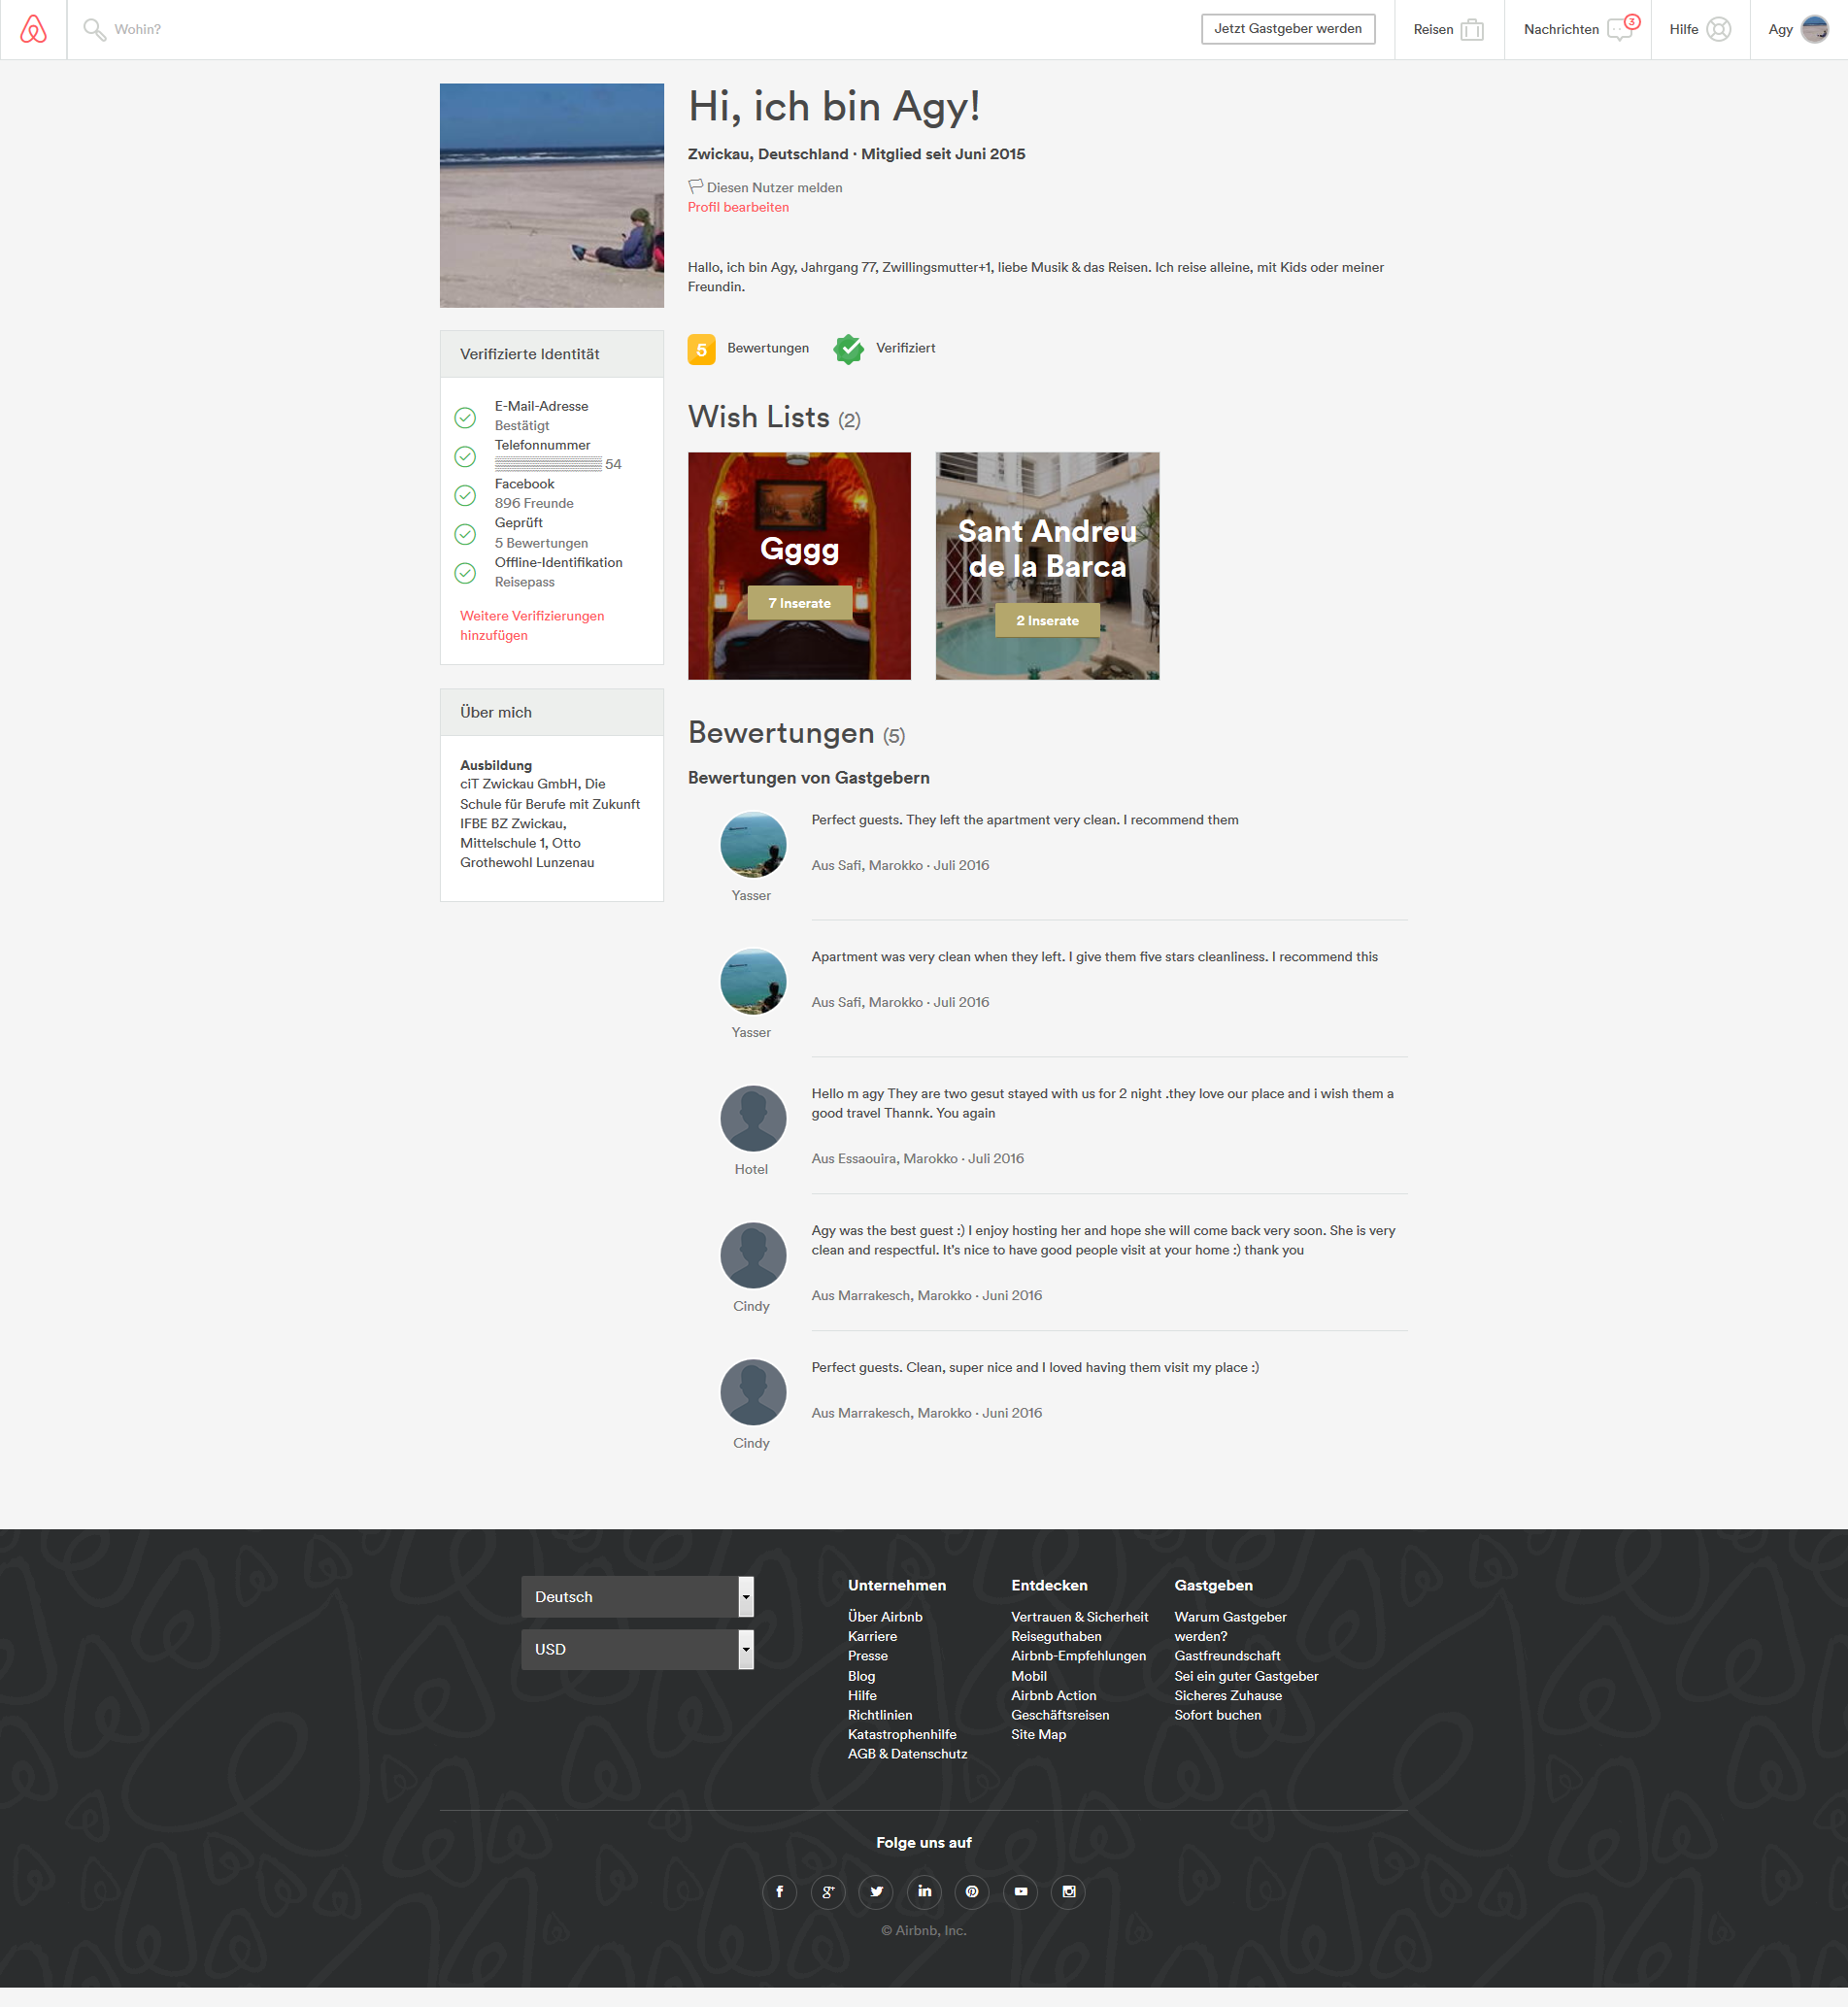 Zwillingsratgeber FireShot-Screen-Capture-003-Agys-Profil-Airbnb-www_airbnb_de_users_show_36559501 AirBnB - Hier könnt Ihr meine Erfahrungen nachlesen